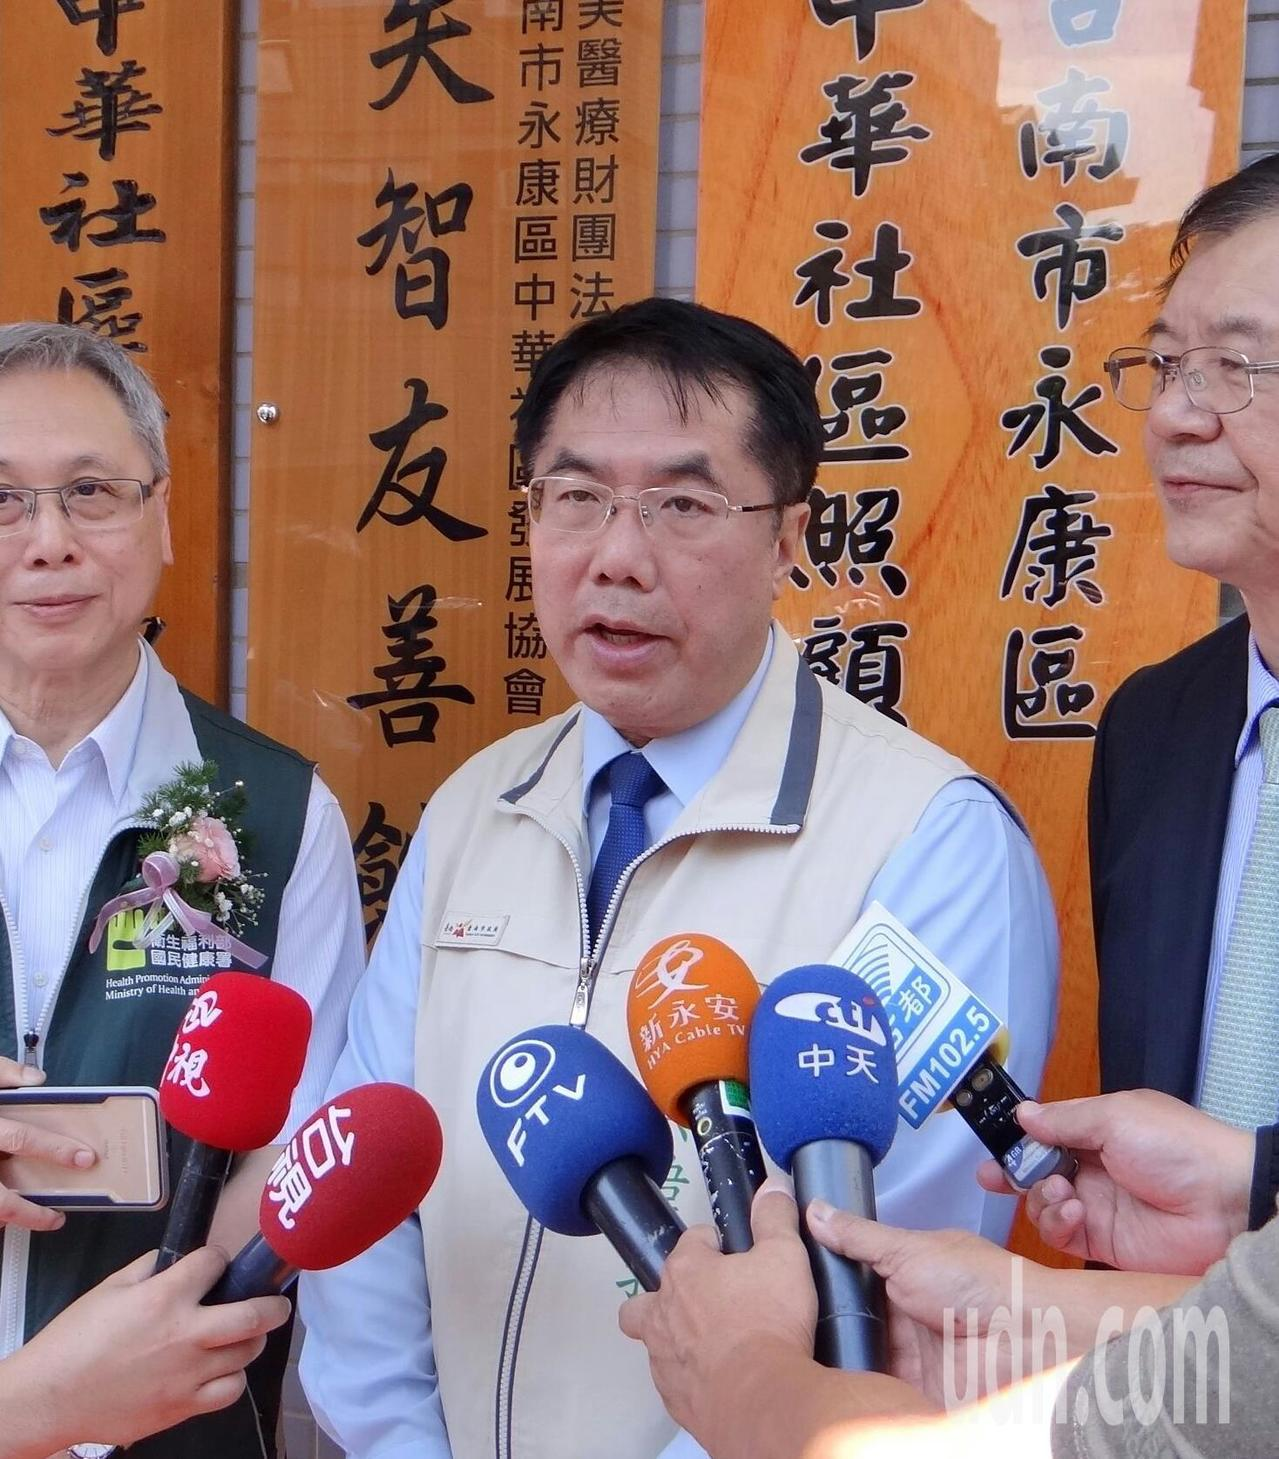 韓國瑜團隊批評蔡長照缺失,黃偉哲受訪時提醒「長照當槍,小心撿到假槍」。記者周宗禎...